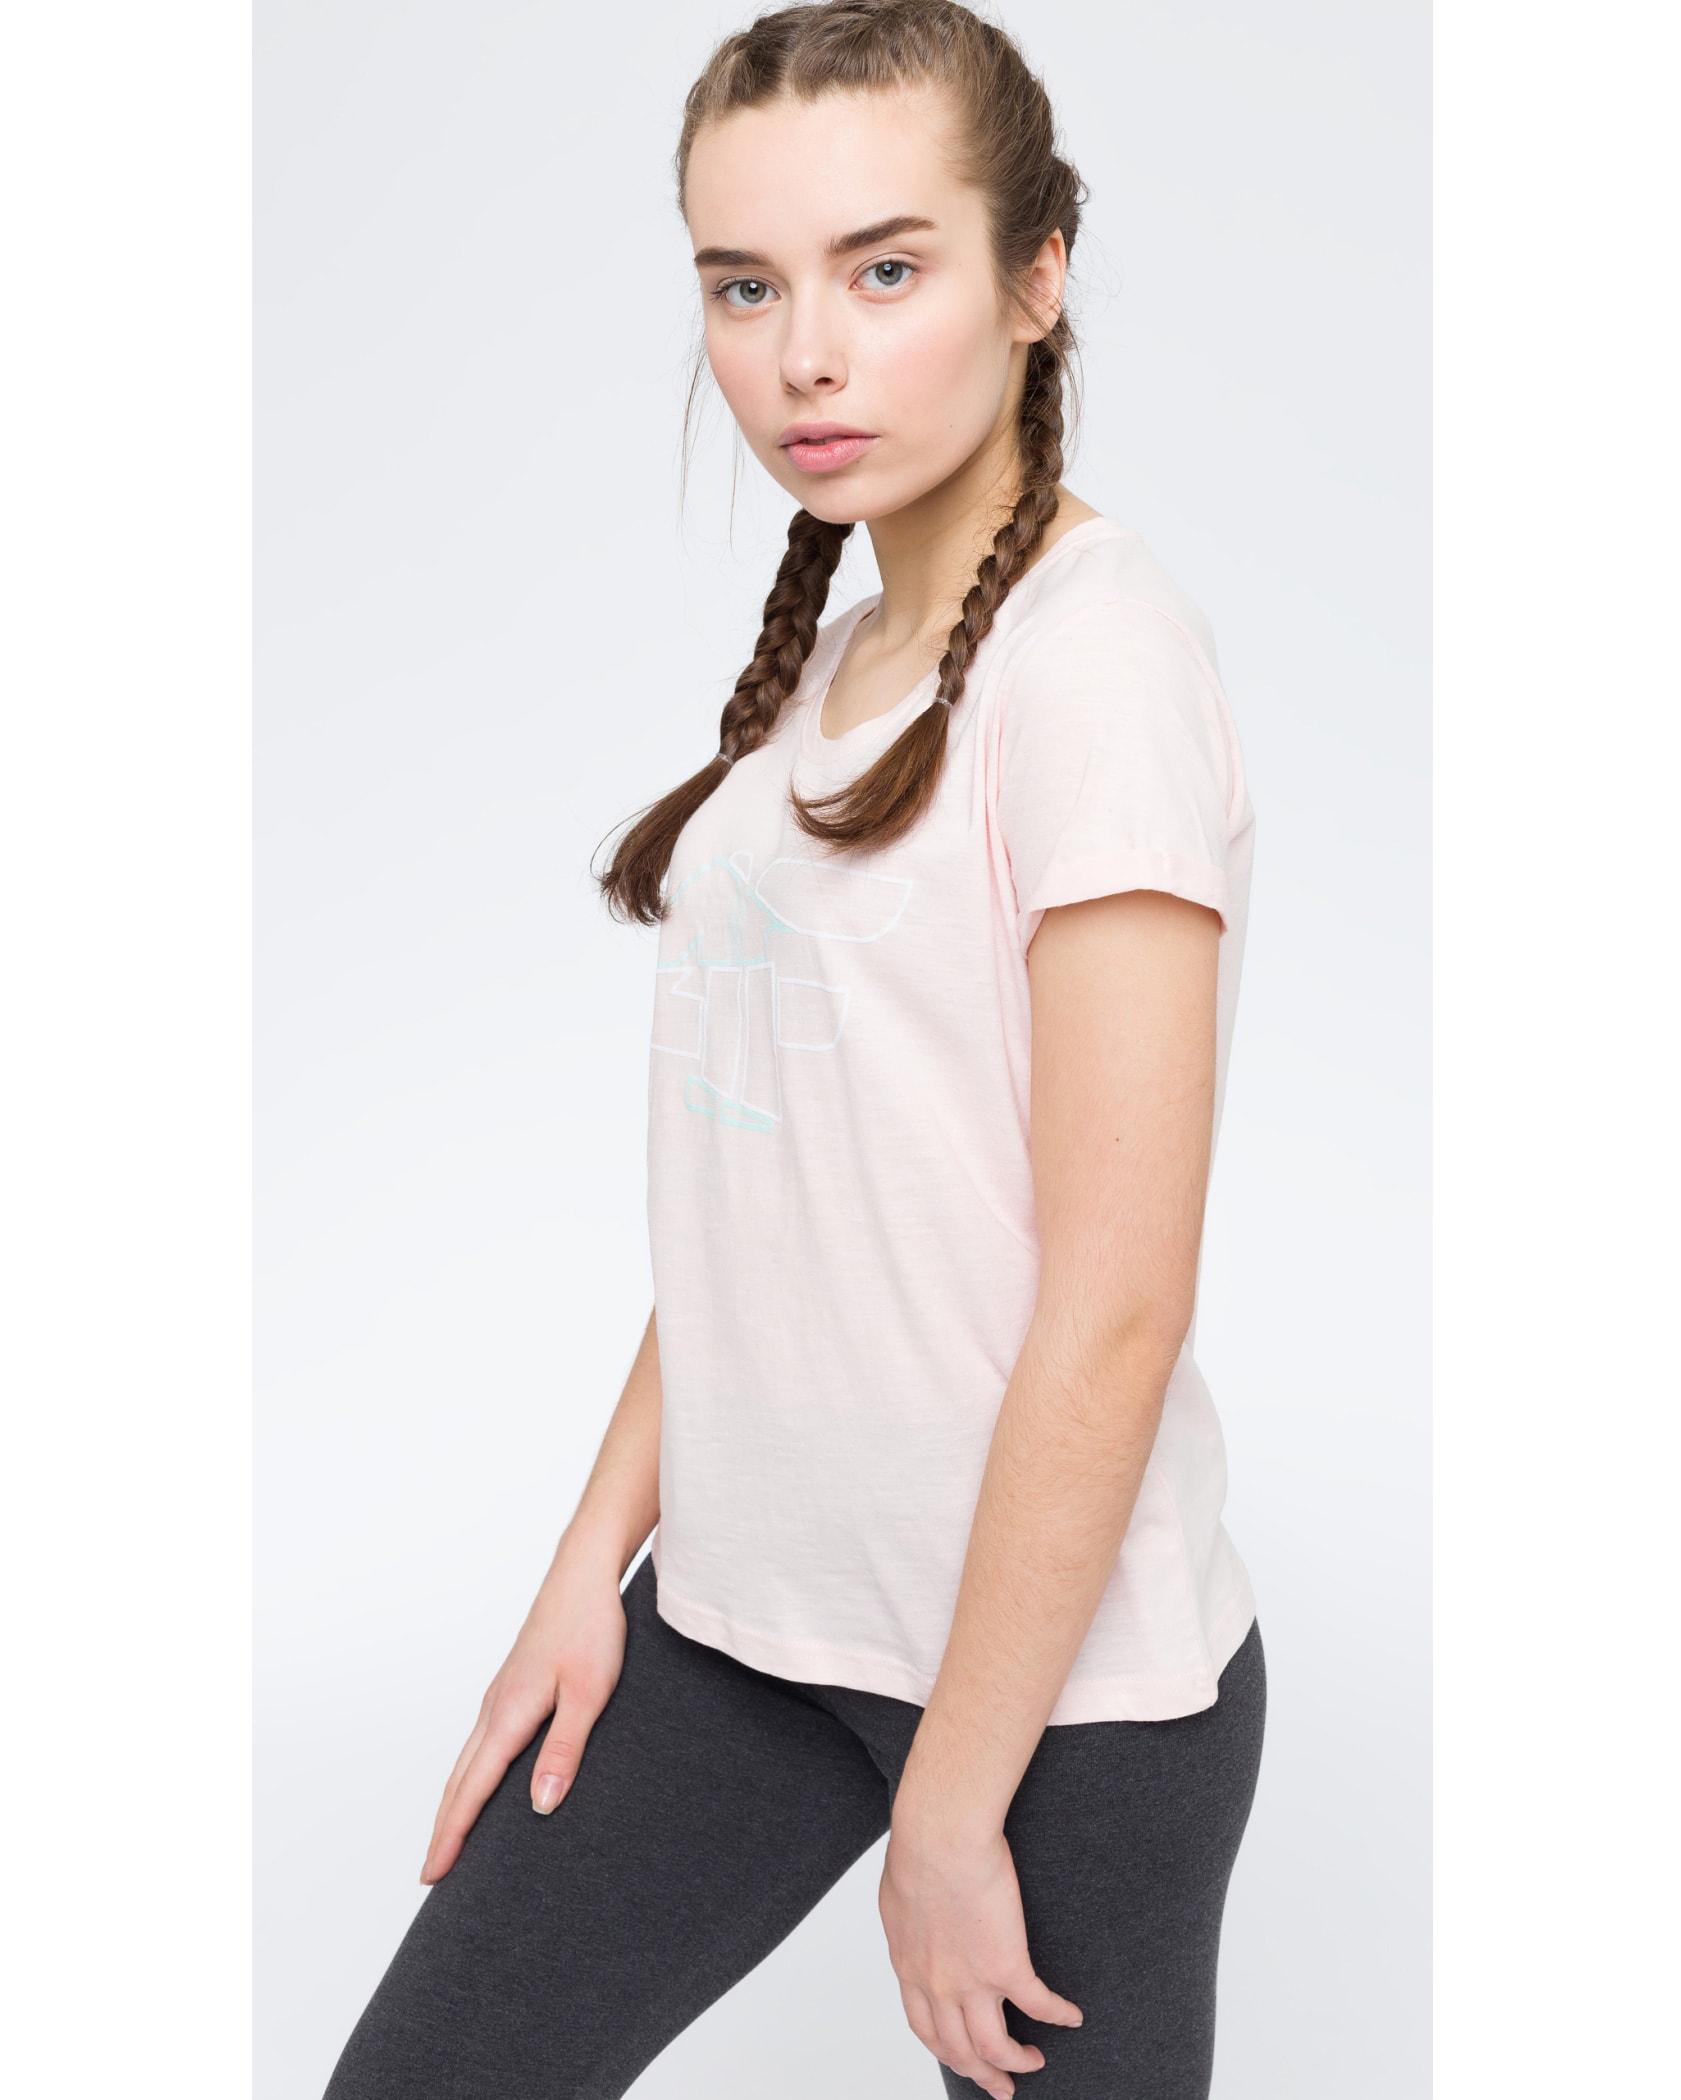 4F Women's T-Shirt - Light Pink